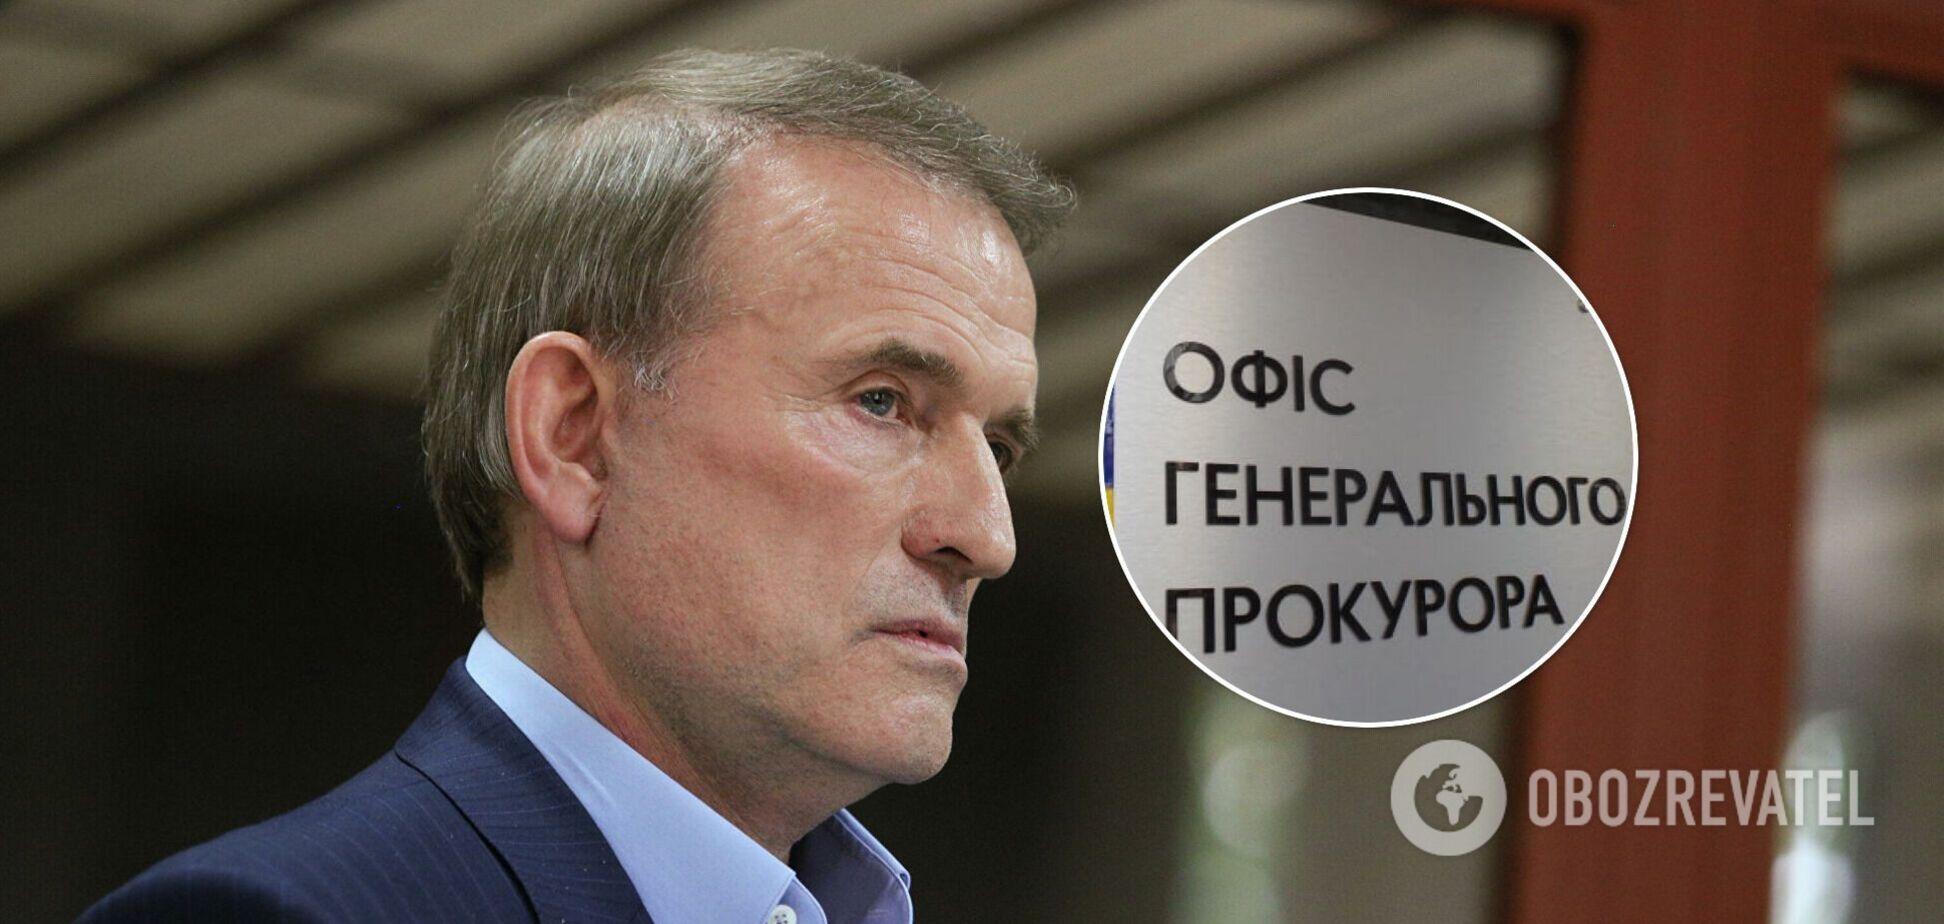 У Венедіктової розповіли про розслідування фінансування тероризму проти Медведчука